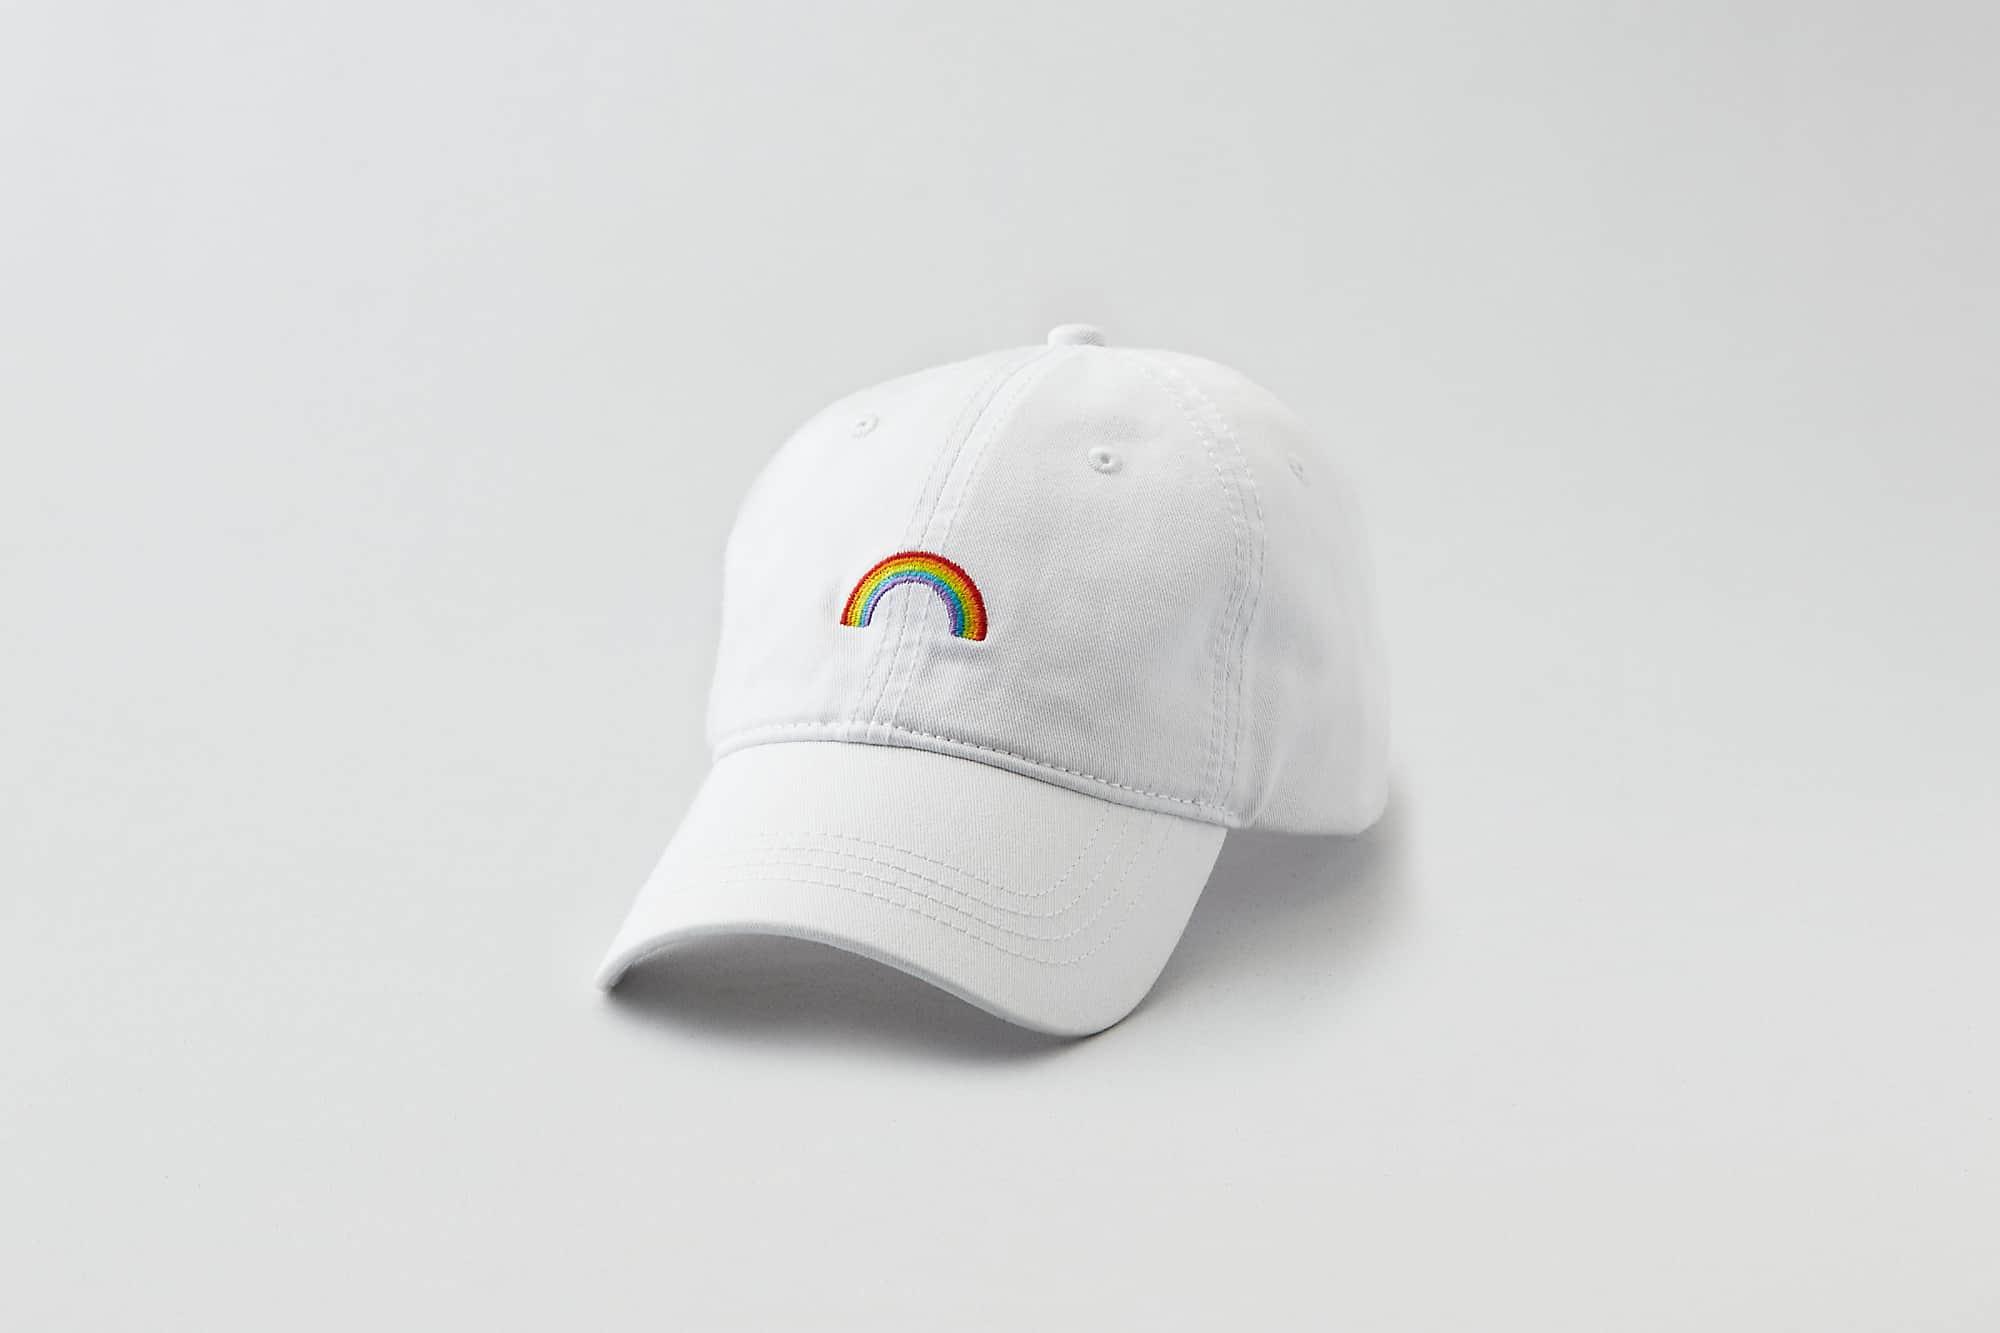 כובע גאווה של אמריקן איגל